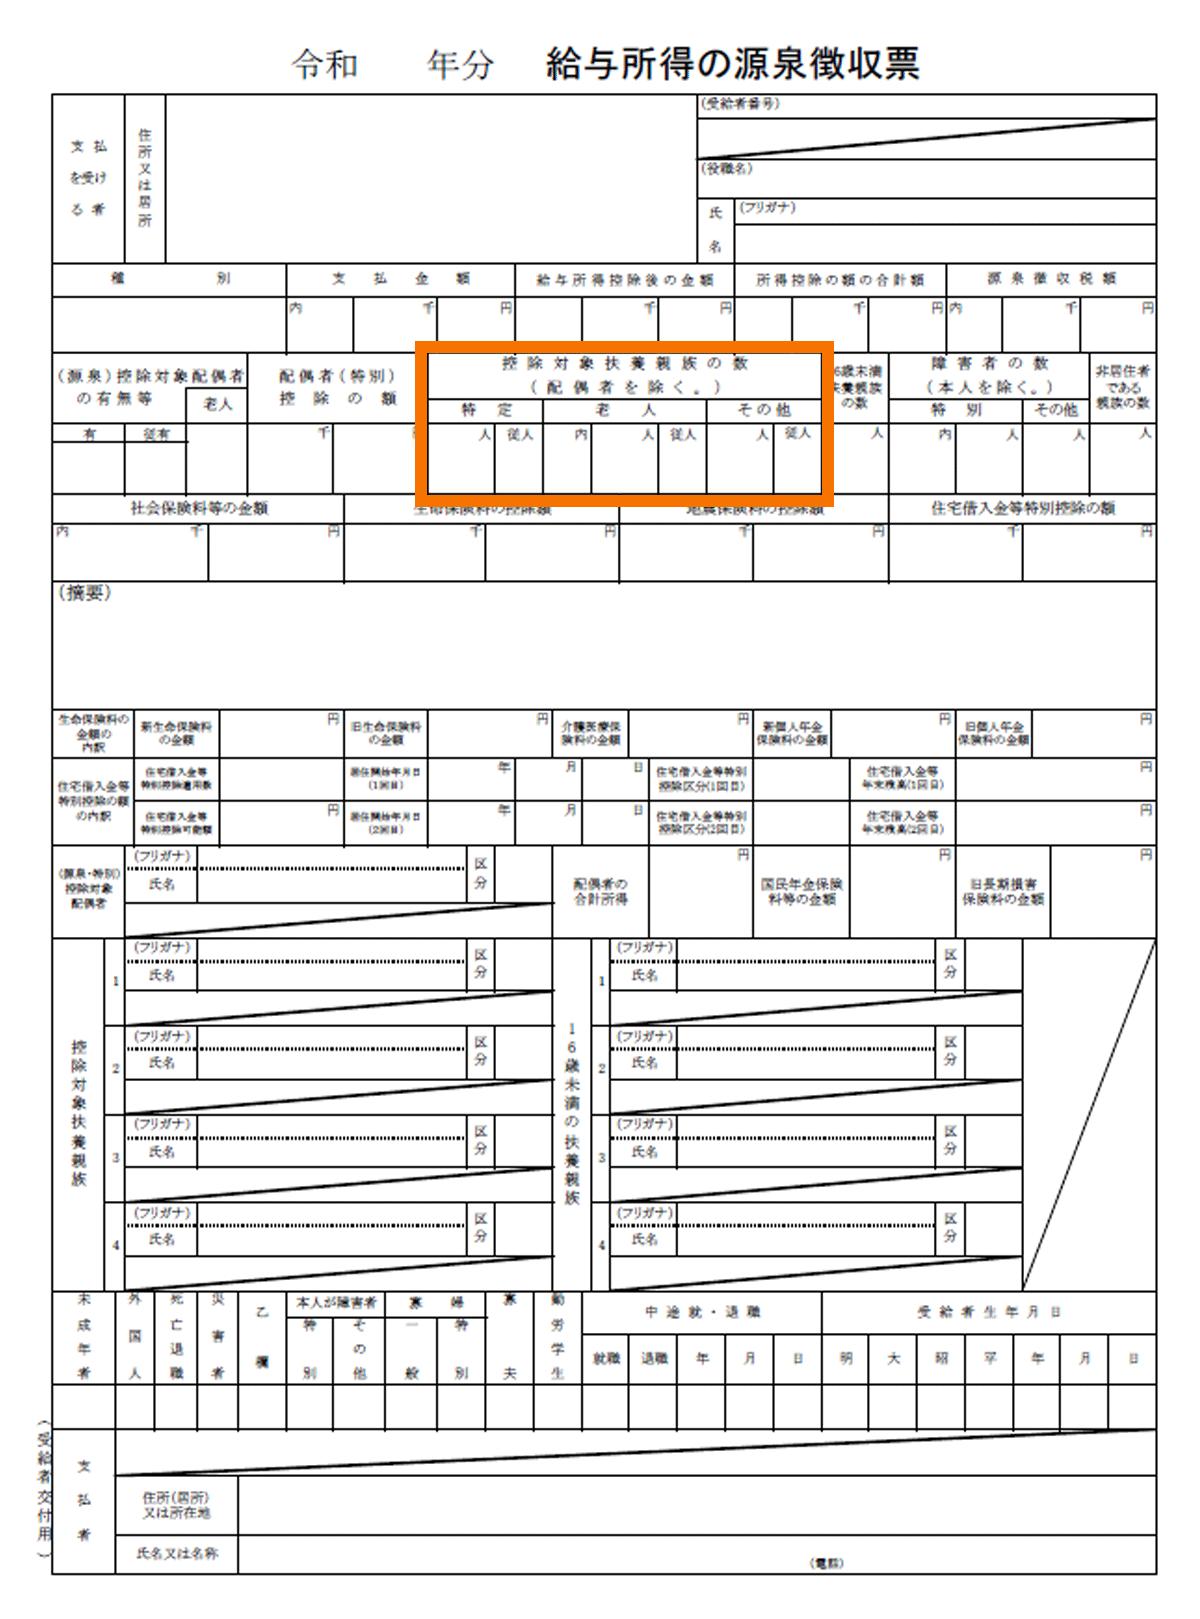 源泉徴収票での、控除対象扶養親族の数(配偶者除く)記載欄